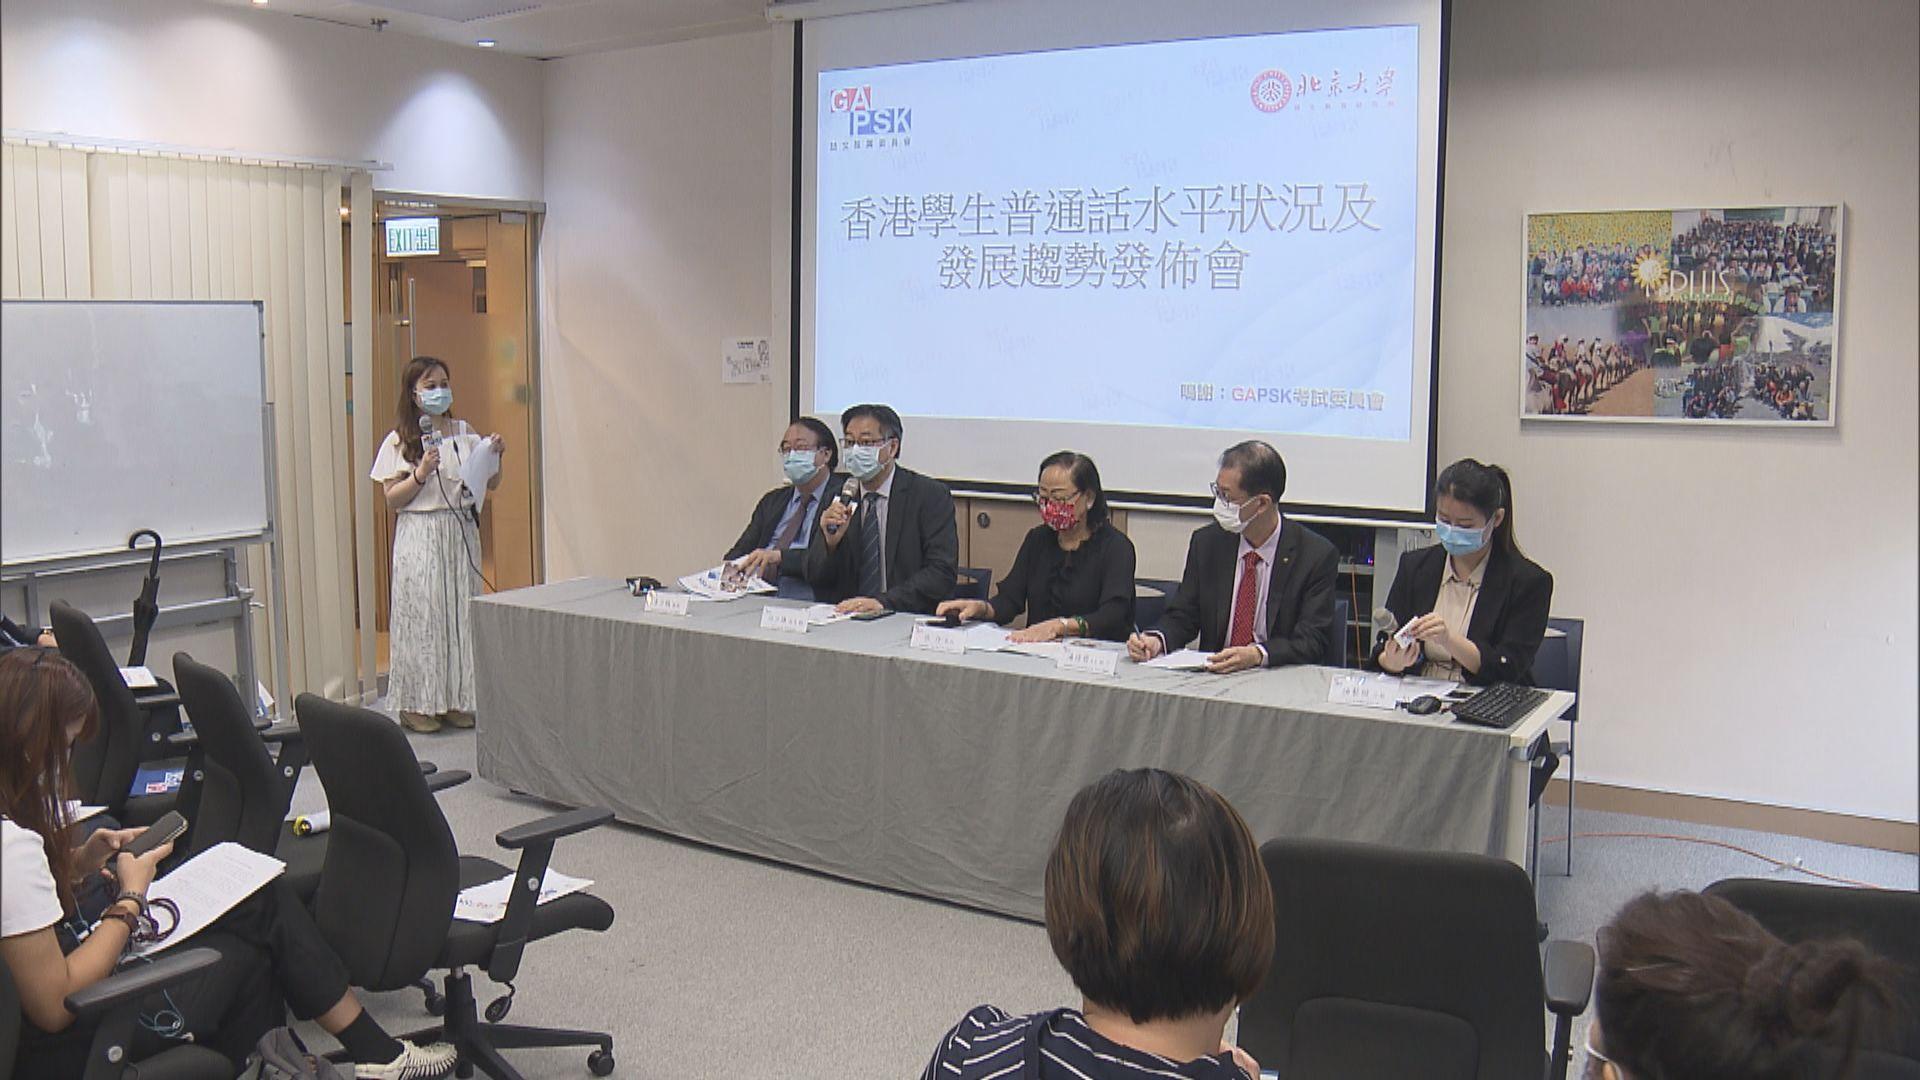 GAPSK語文推廣委員會指小學生普通話成績退步